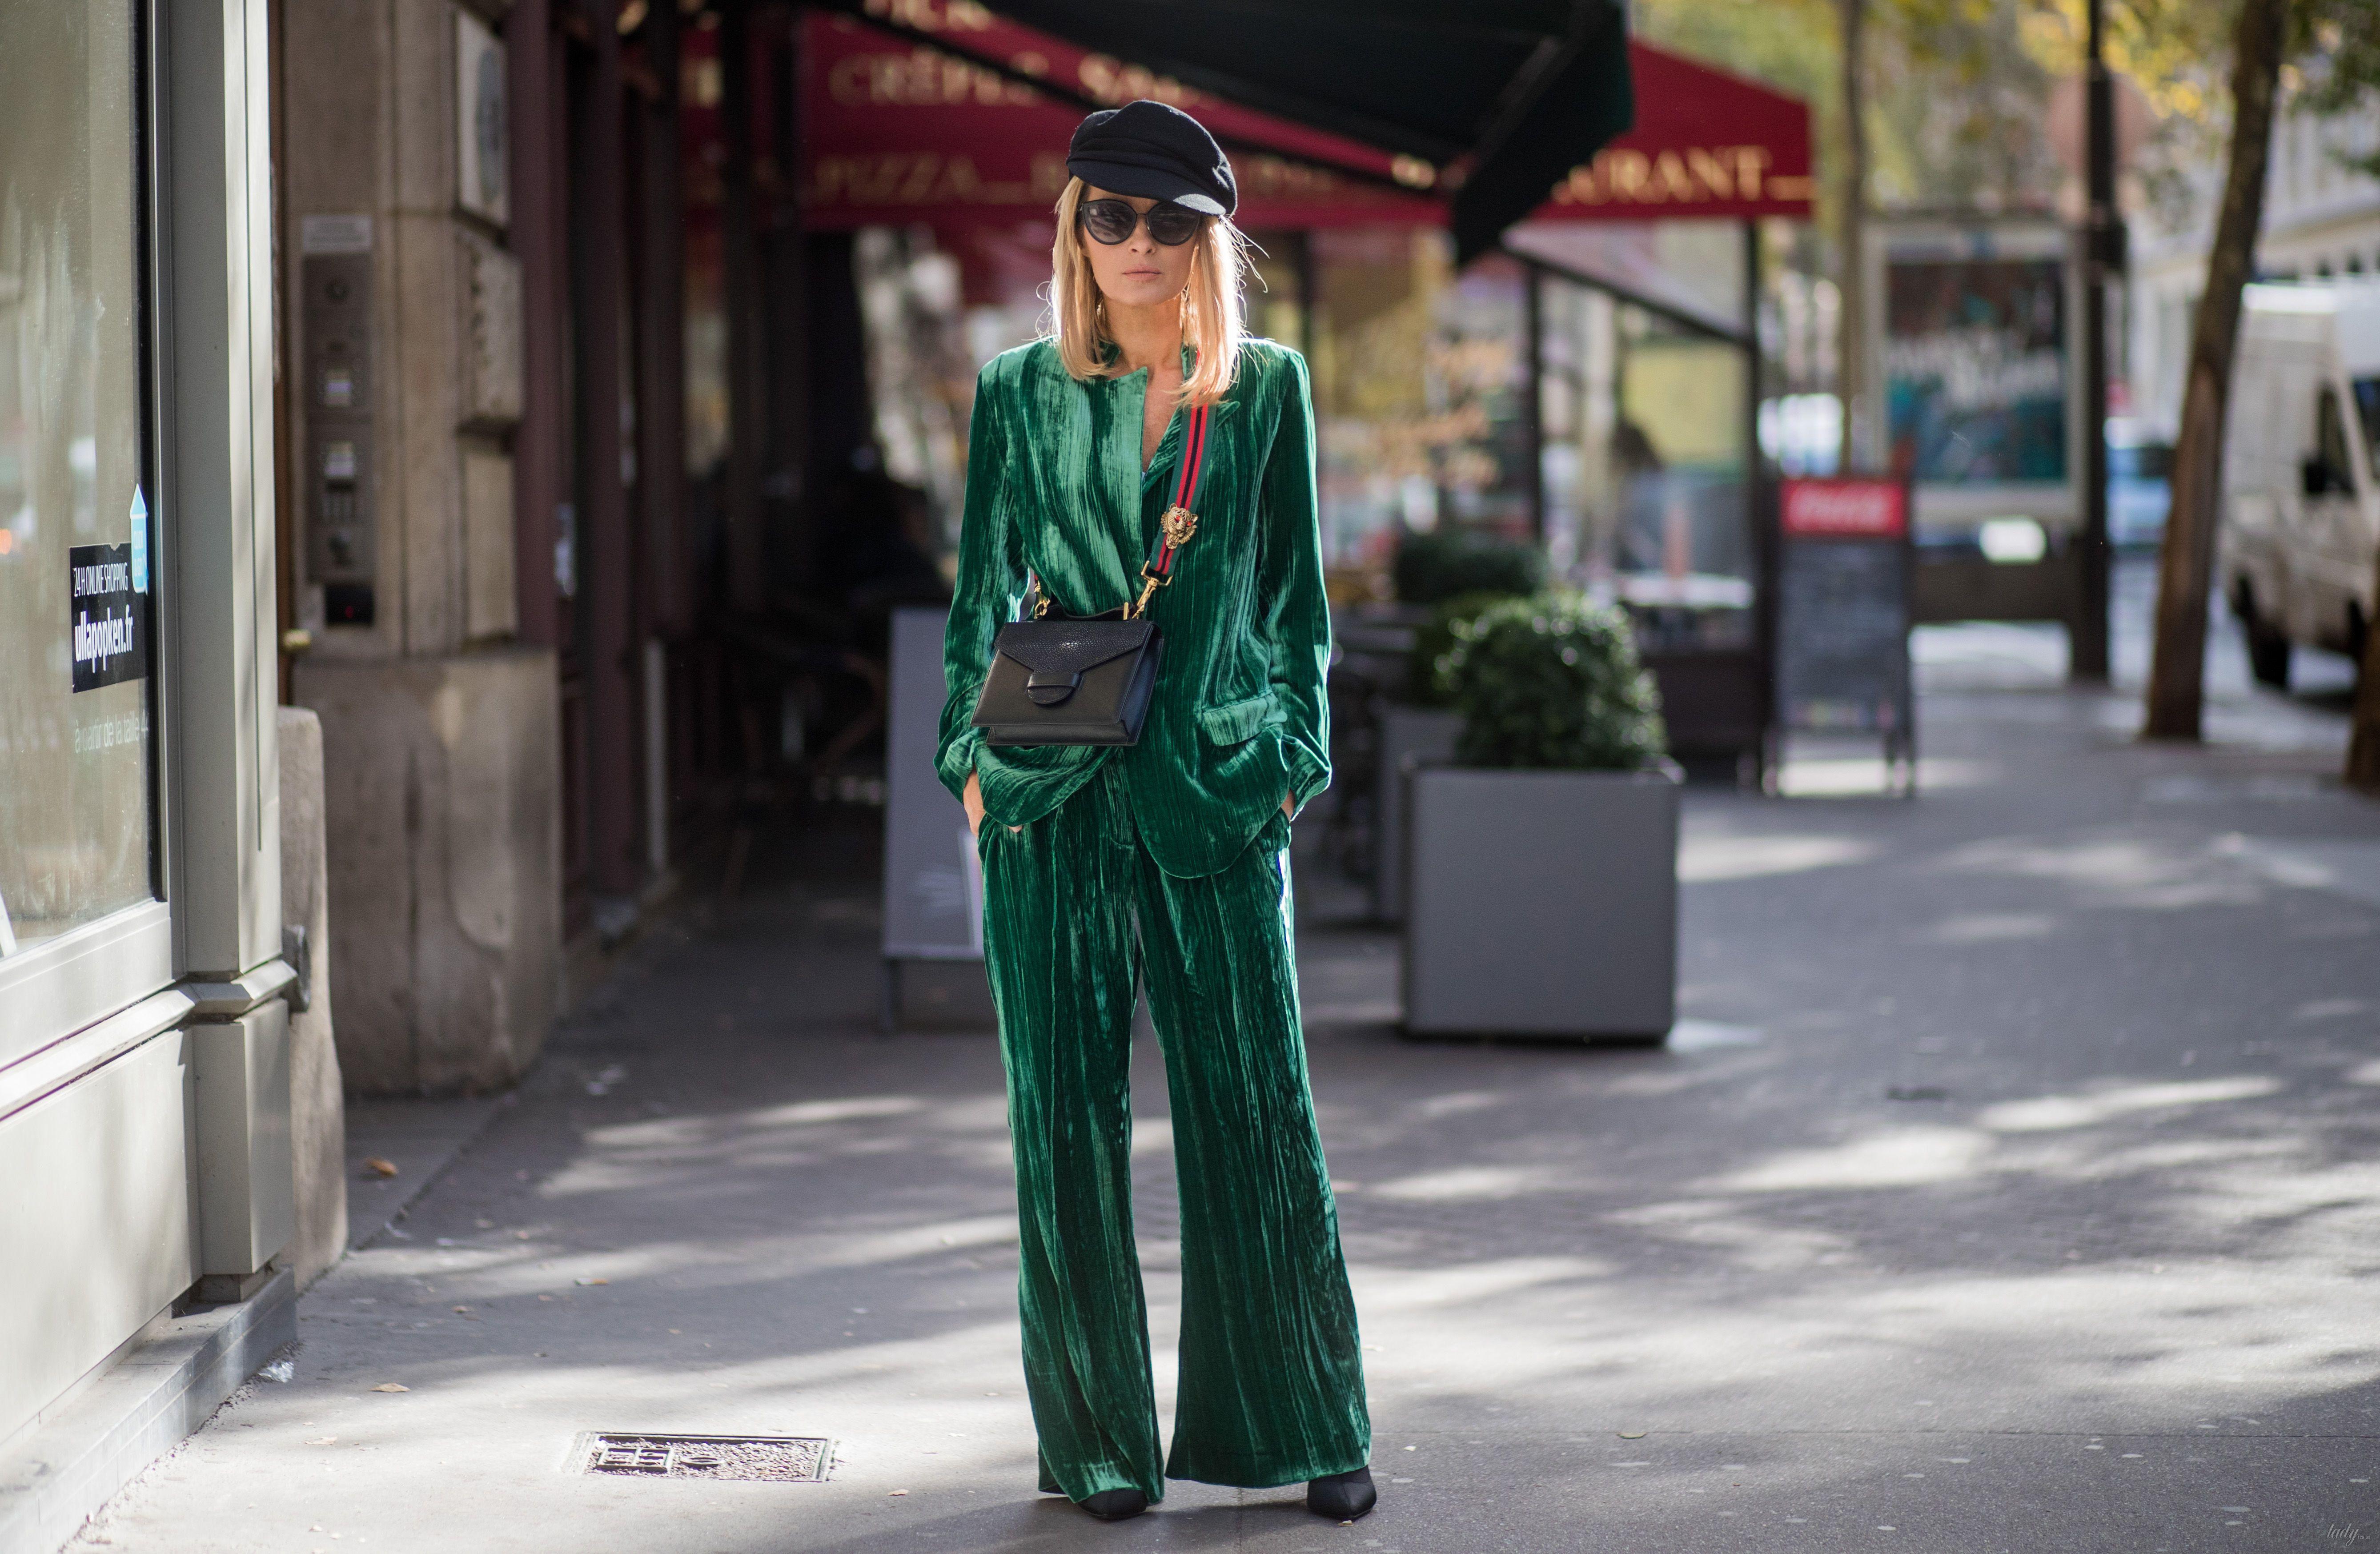 Смотреть 15 модных осенних вещей, которые должны быть в гардеробе невысокой девушки видео